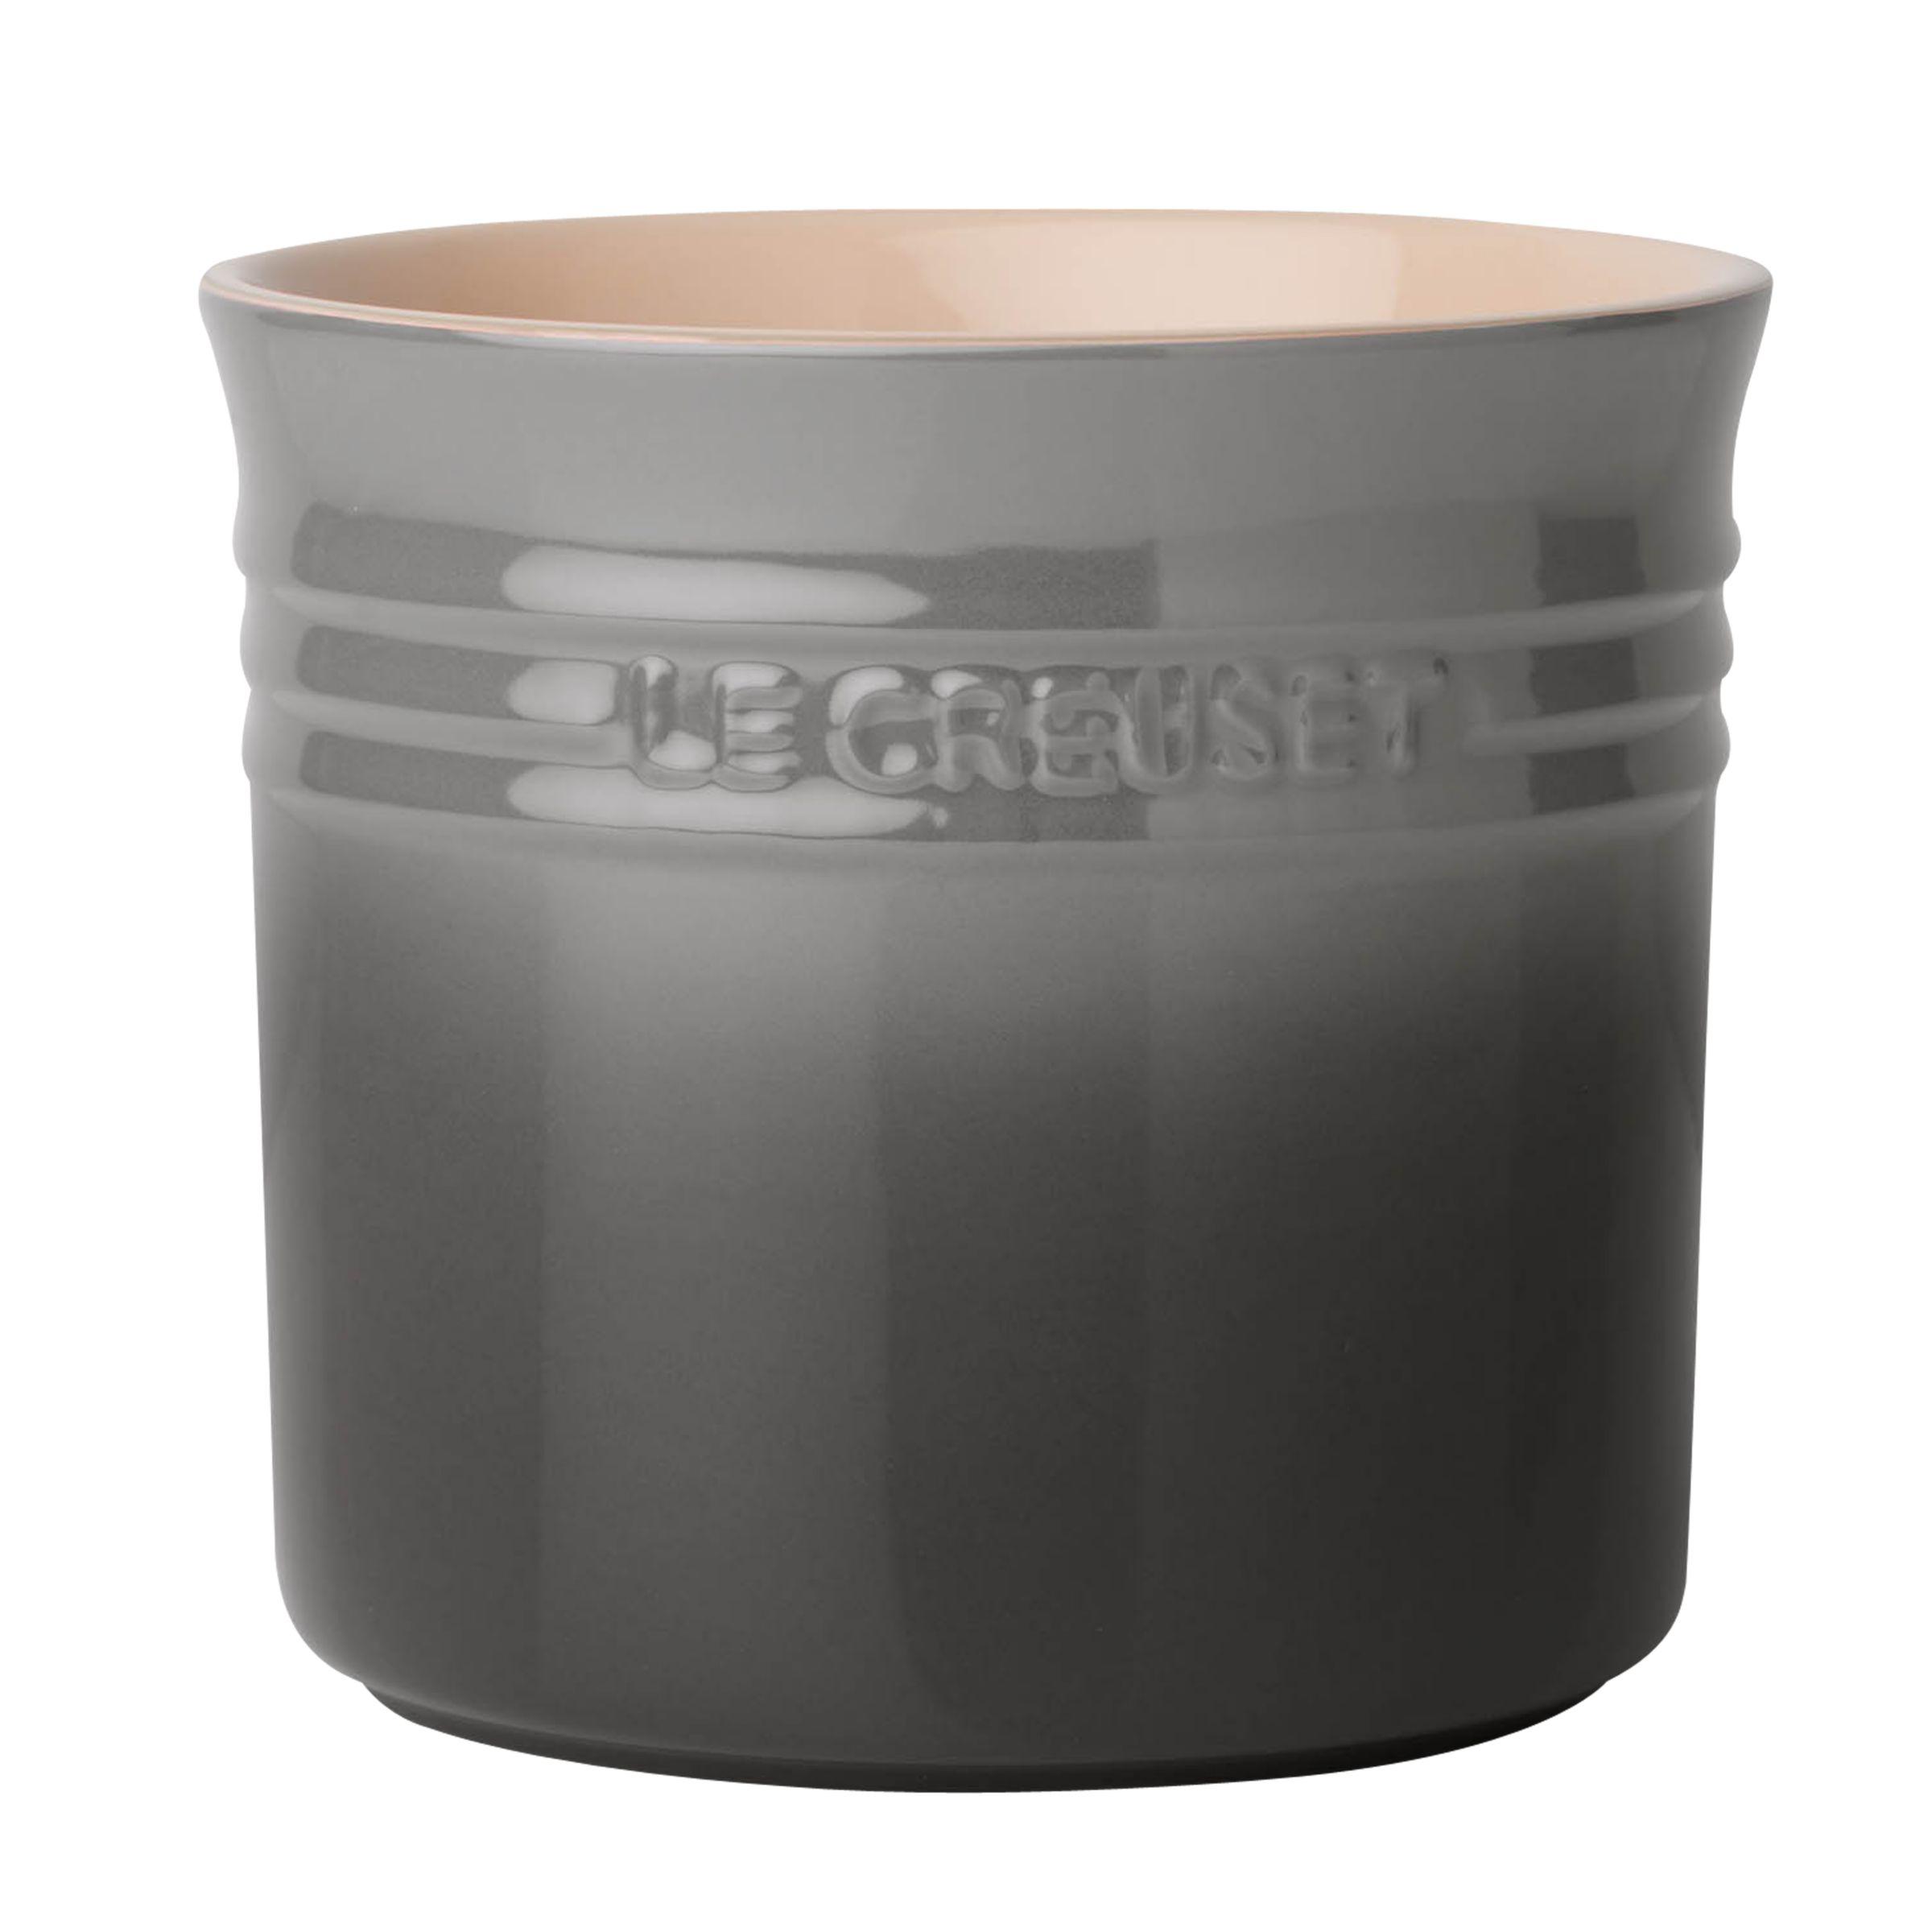 Le Creuset Le Creuset Utensil Jar, Large